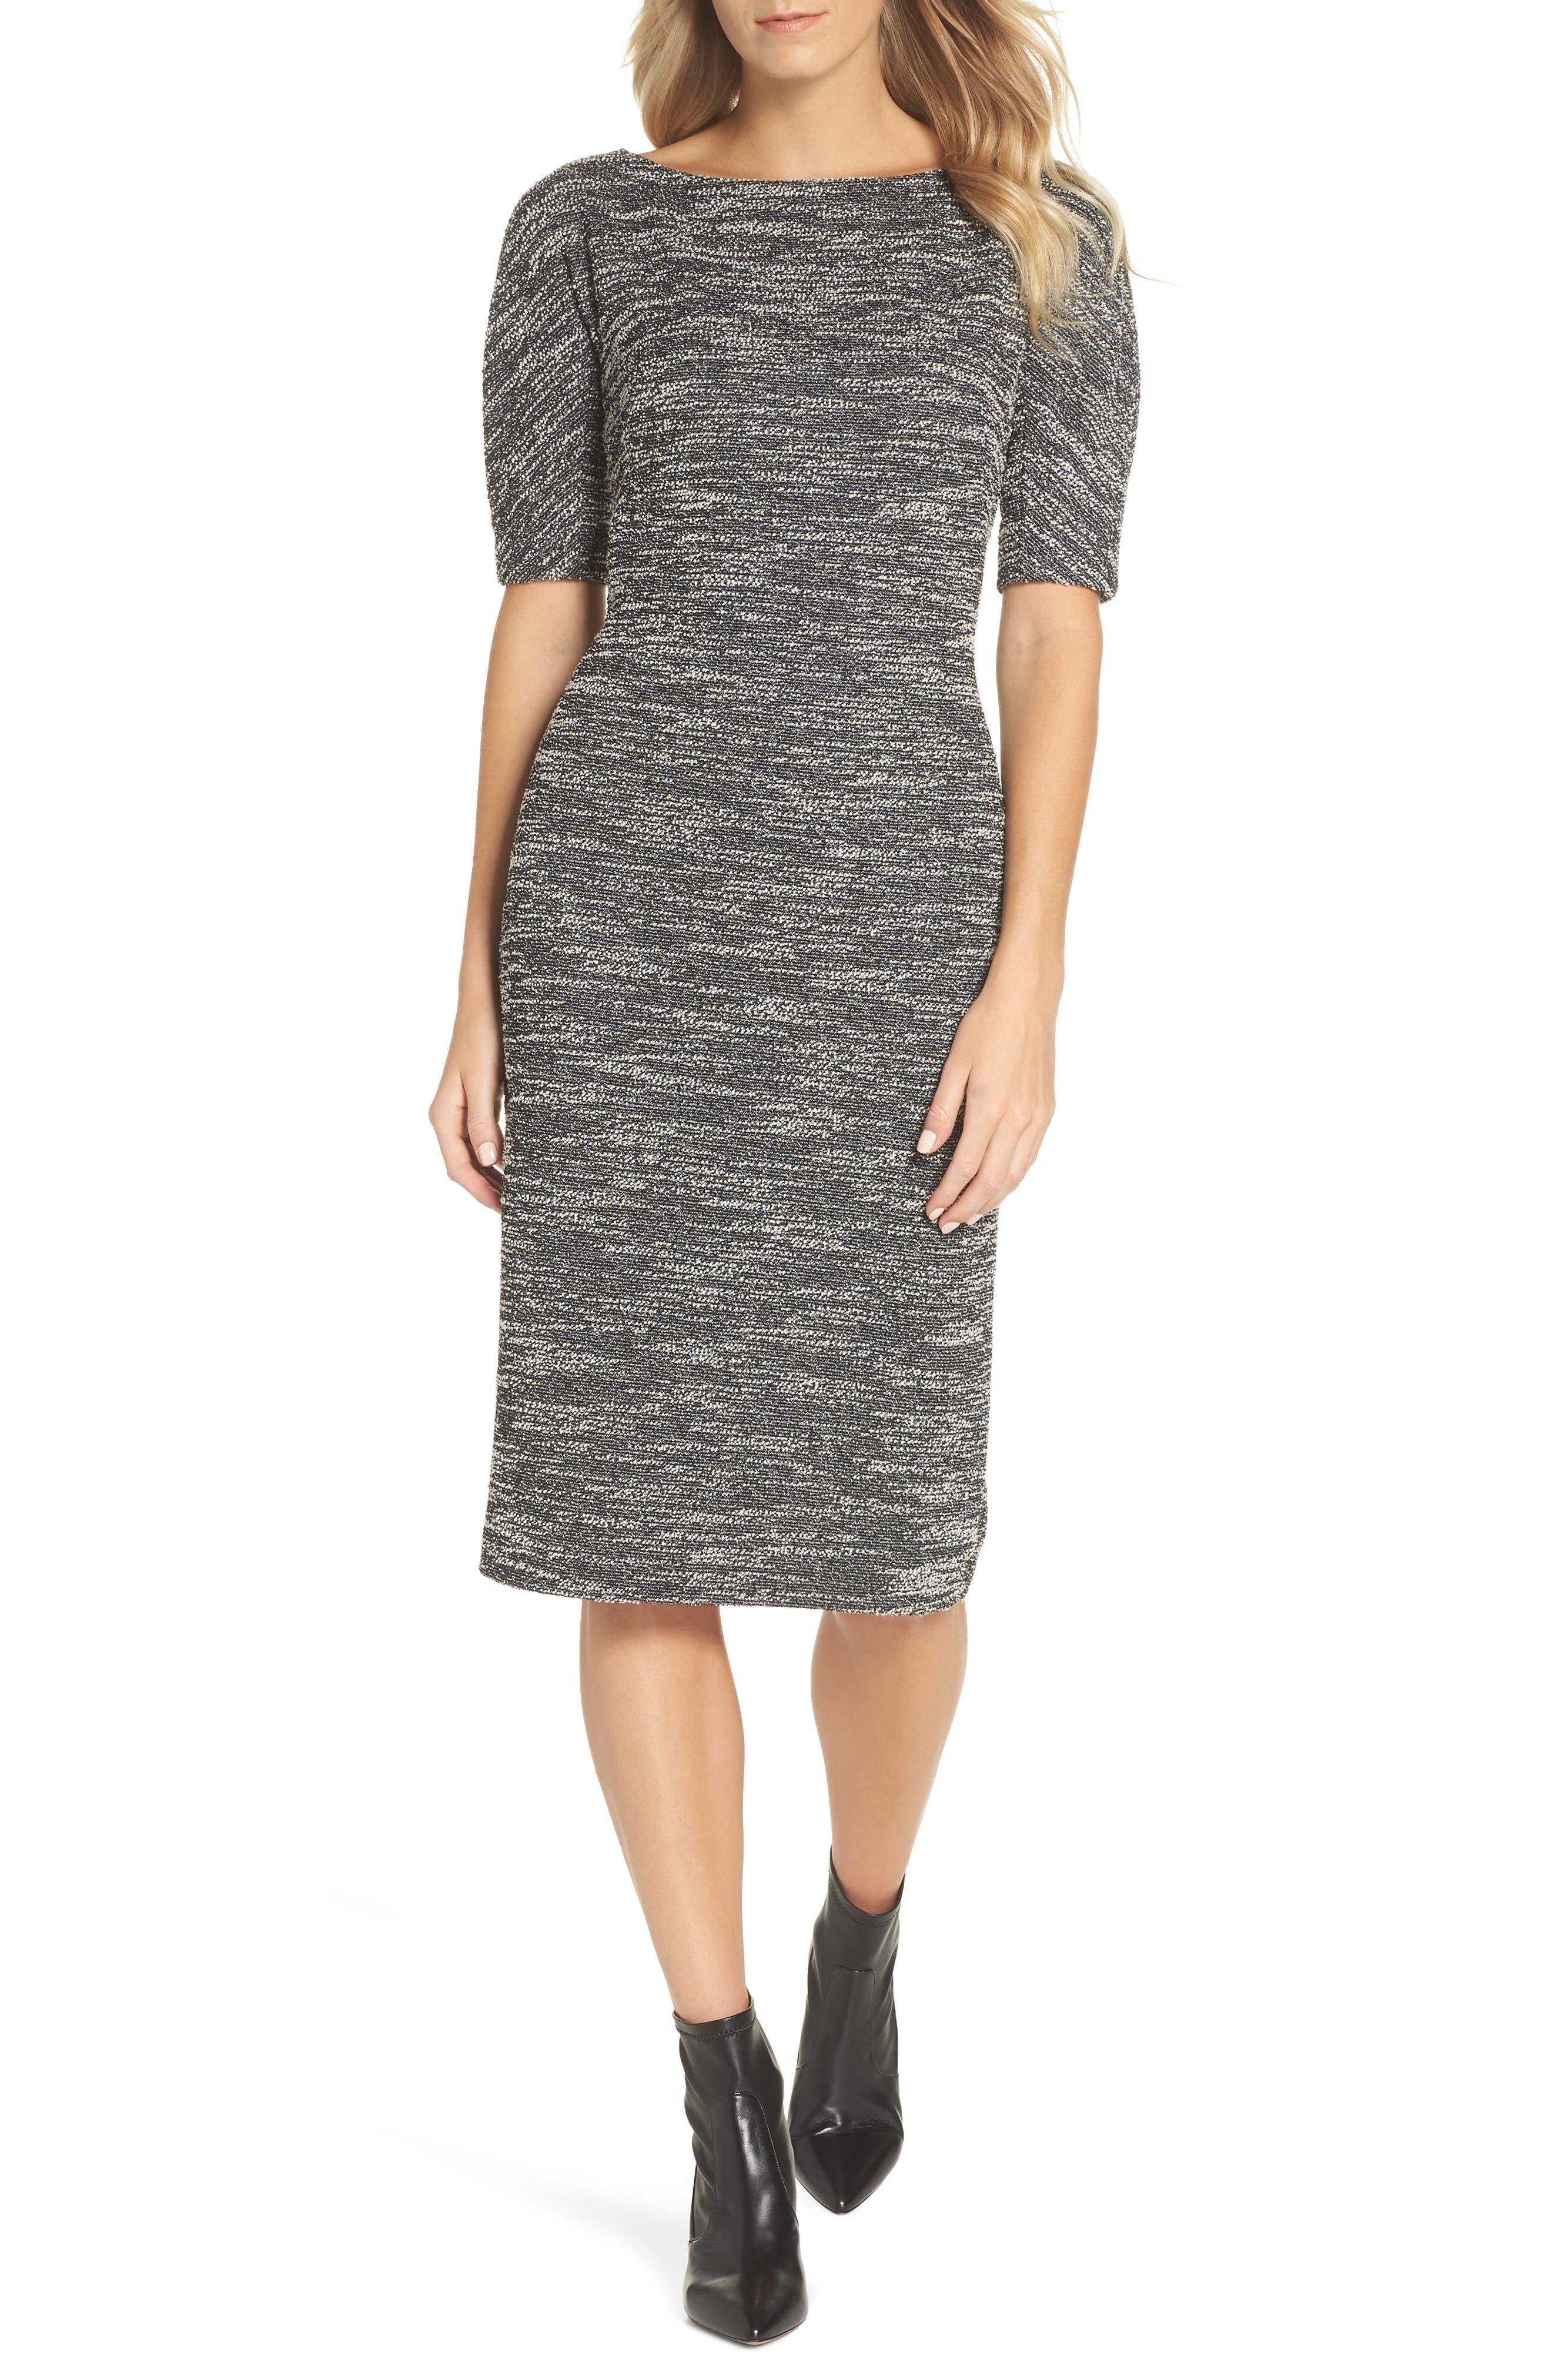 Maggy London Textured Arc Sheath Dress